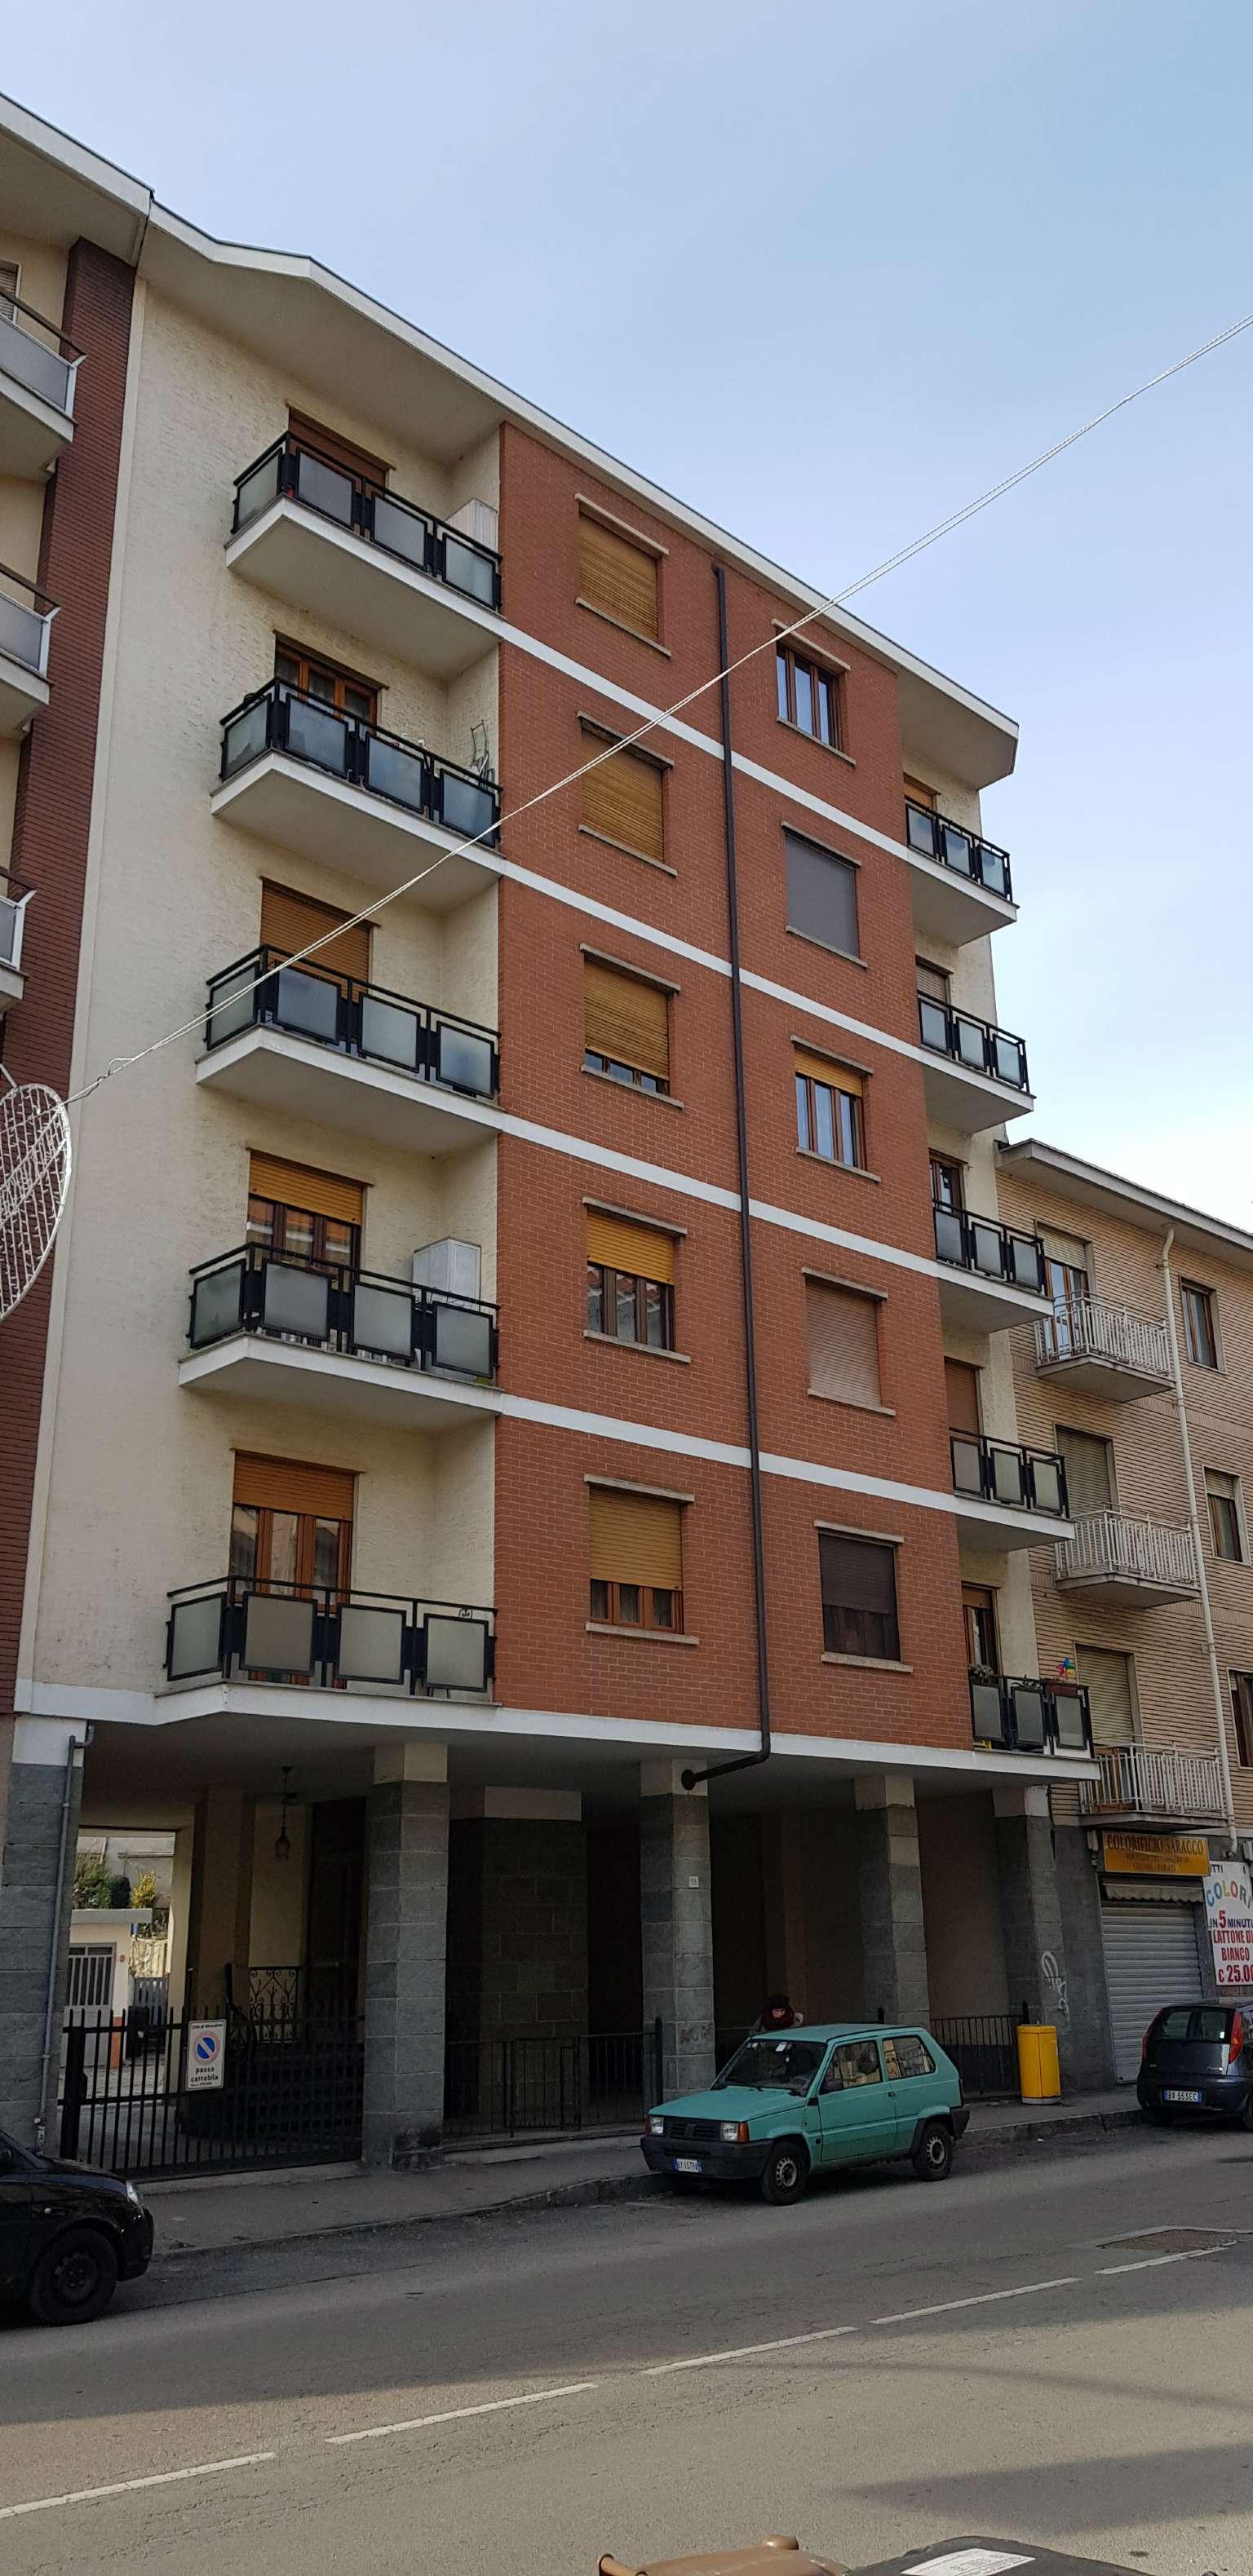 Vendita - Appartamento - Moncalieri - MONCALIERI CORSO ROMA TRILOCALE RISTRUTTURATO EURO 108.000